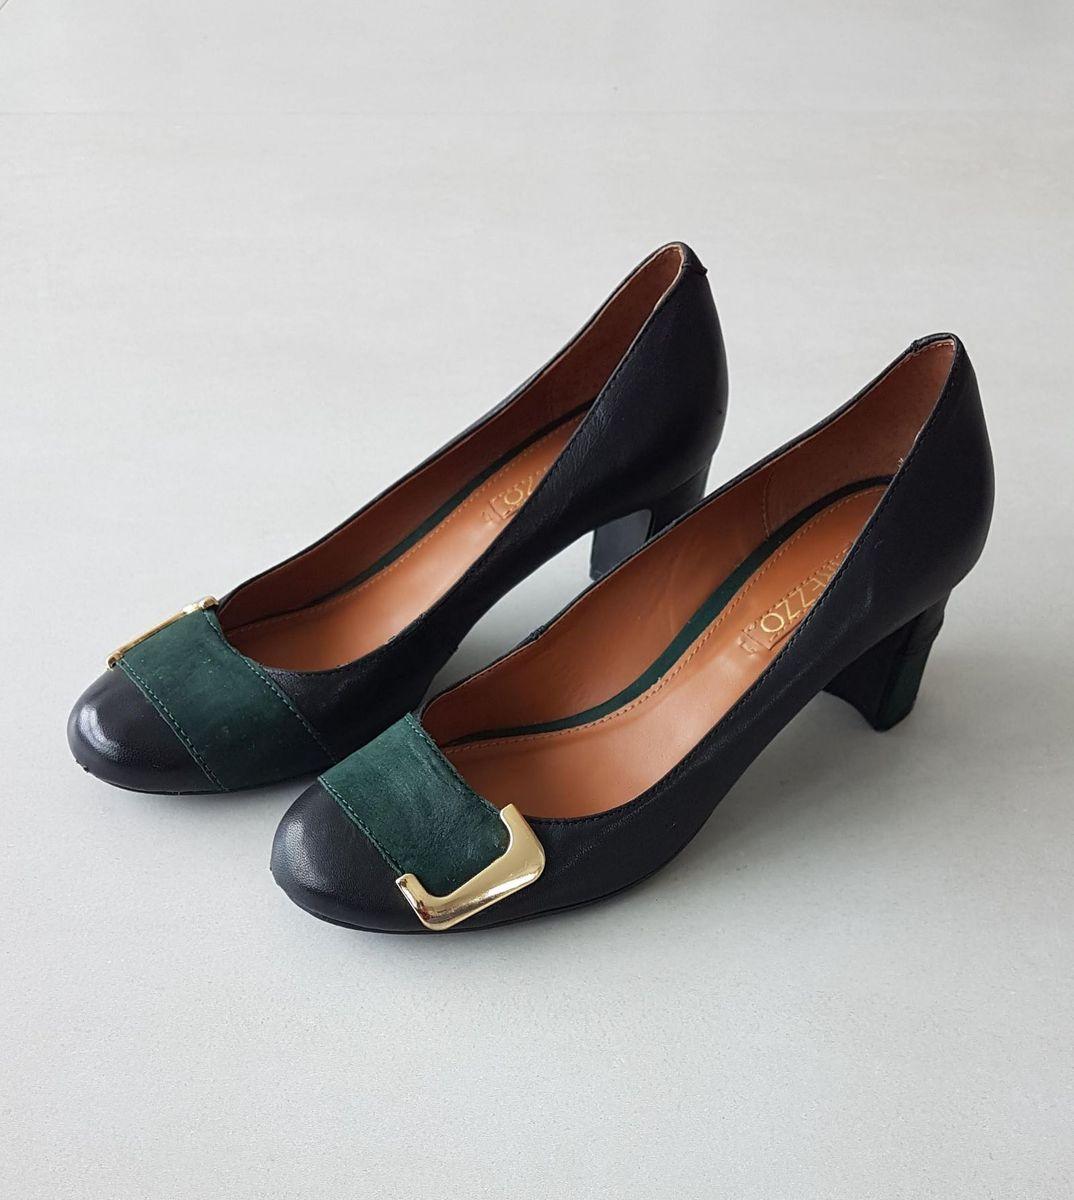 sapato com detalhe em camurça - sapatos arezzo